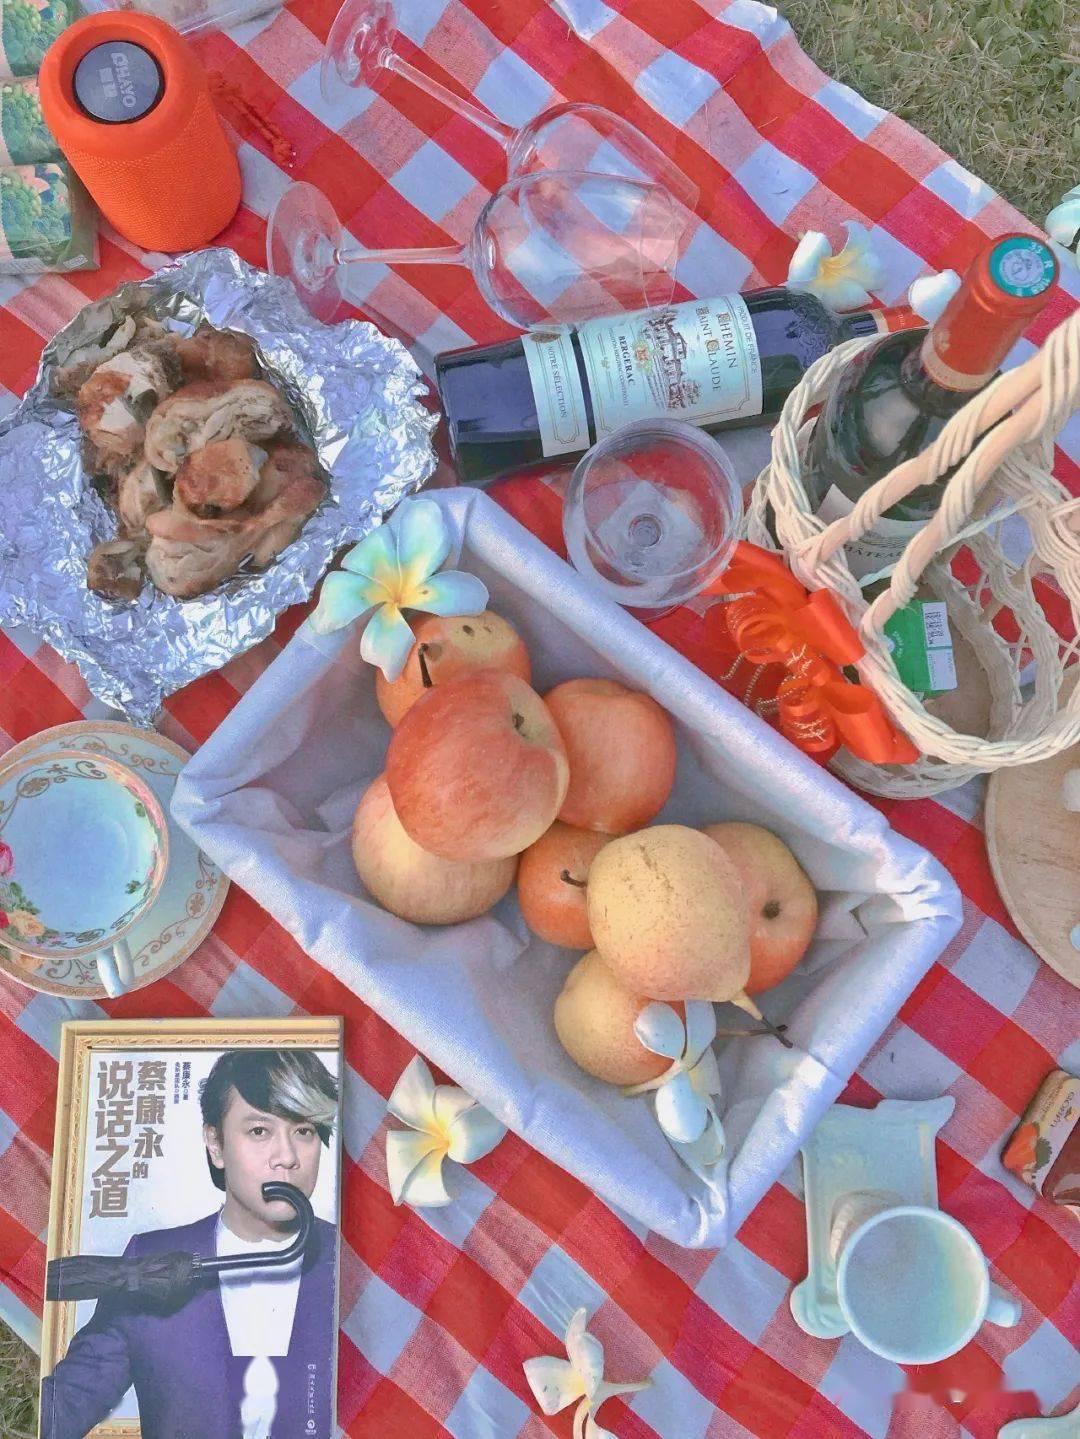 想在曼谷来一个美美的公园野餐吗?这份尴尬经验你们要先阅再出发...